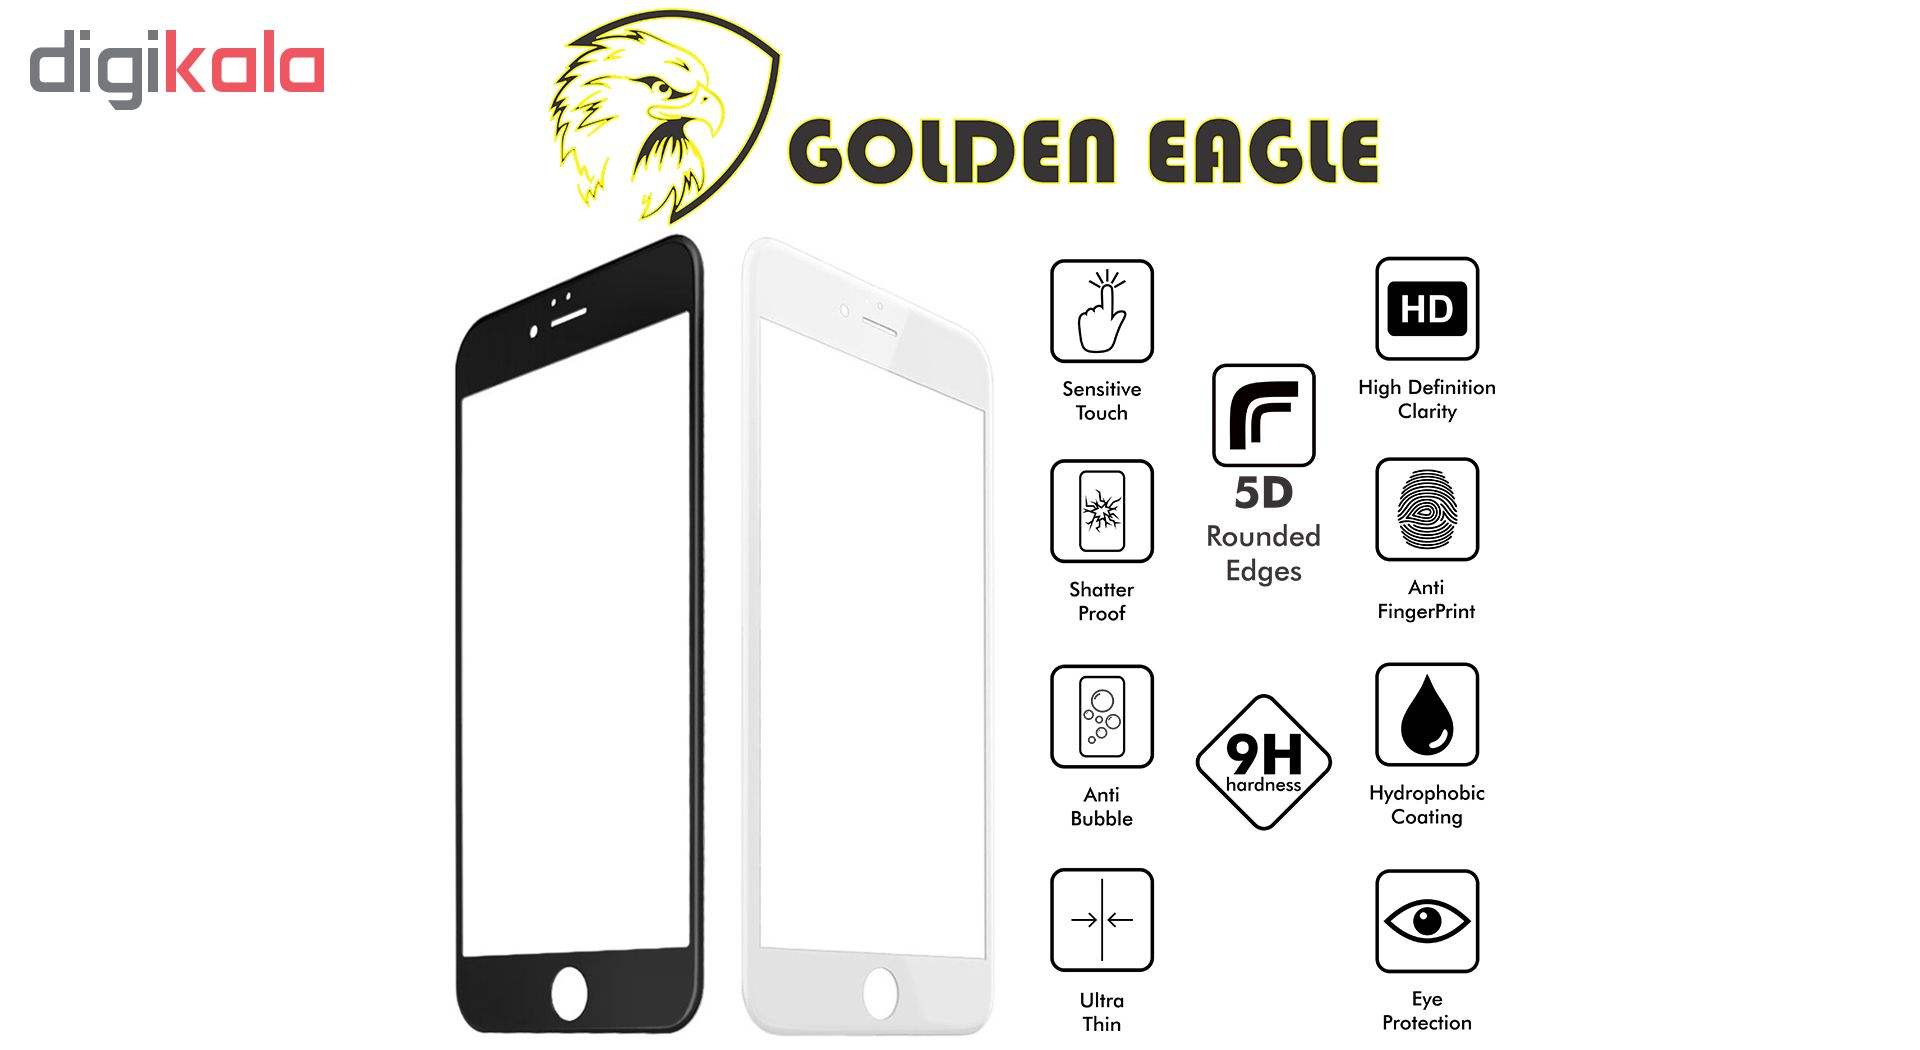 محافظ صفحه نمایش گلدن ایگل مدل 5D Expert Shield مناسب برای گوشی اپل آیفون  6/6S main 1 3